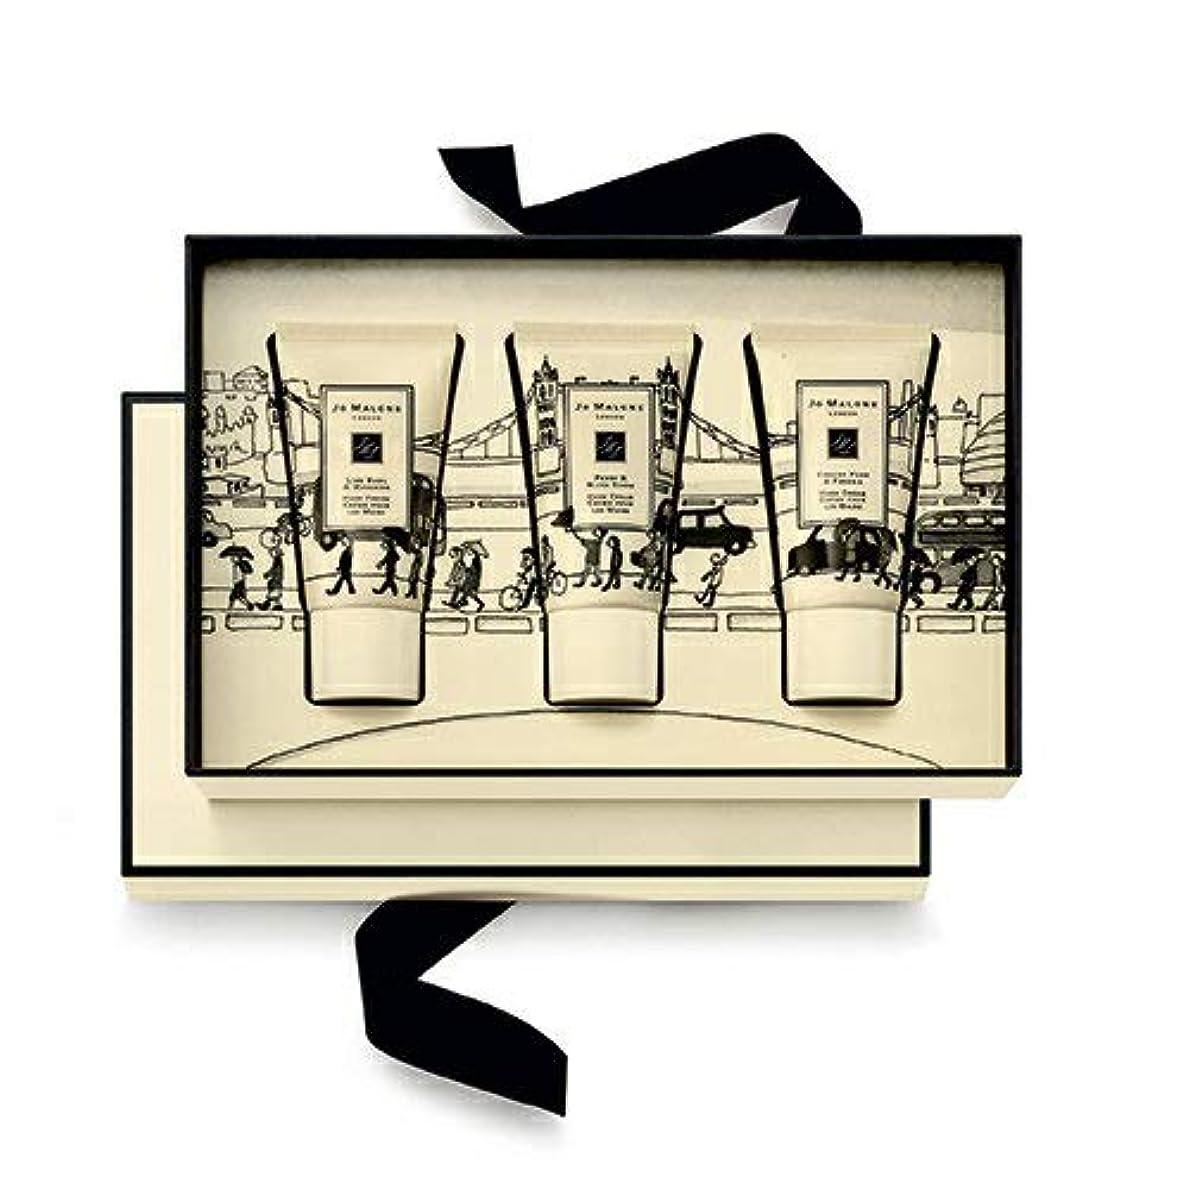 ほのめかす週間性的ジョー マローン ハンド クリーム コレクション 30ml×3(ライムバジル&マンダリン?ピオニー&ブラッシュスエード?イングリッシュペアー&フリージア)JO MALONE HAND CREAM TRIO COLLECTION...